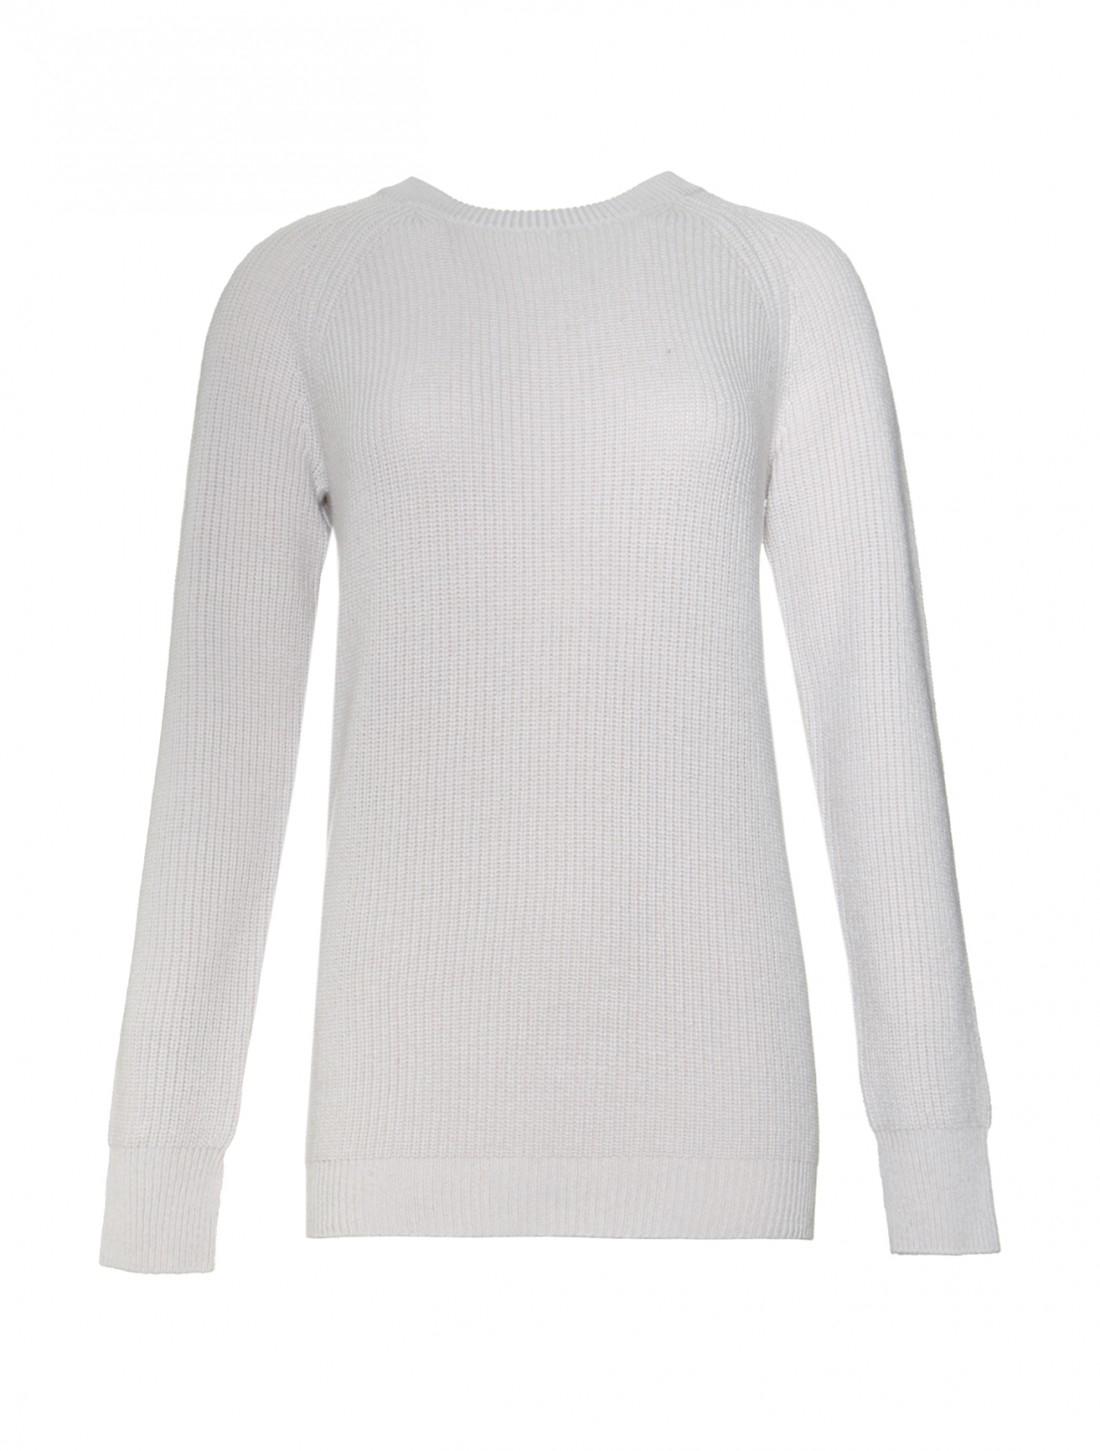 labels cashmere pullover damen outlet cashmere pullover damen sale. Black Bedroom Furniture Sets. Home Design Ideas